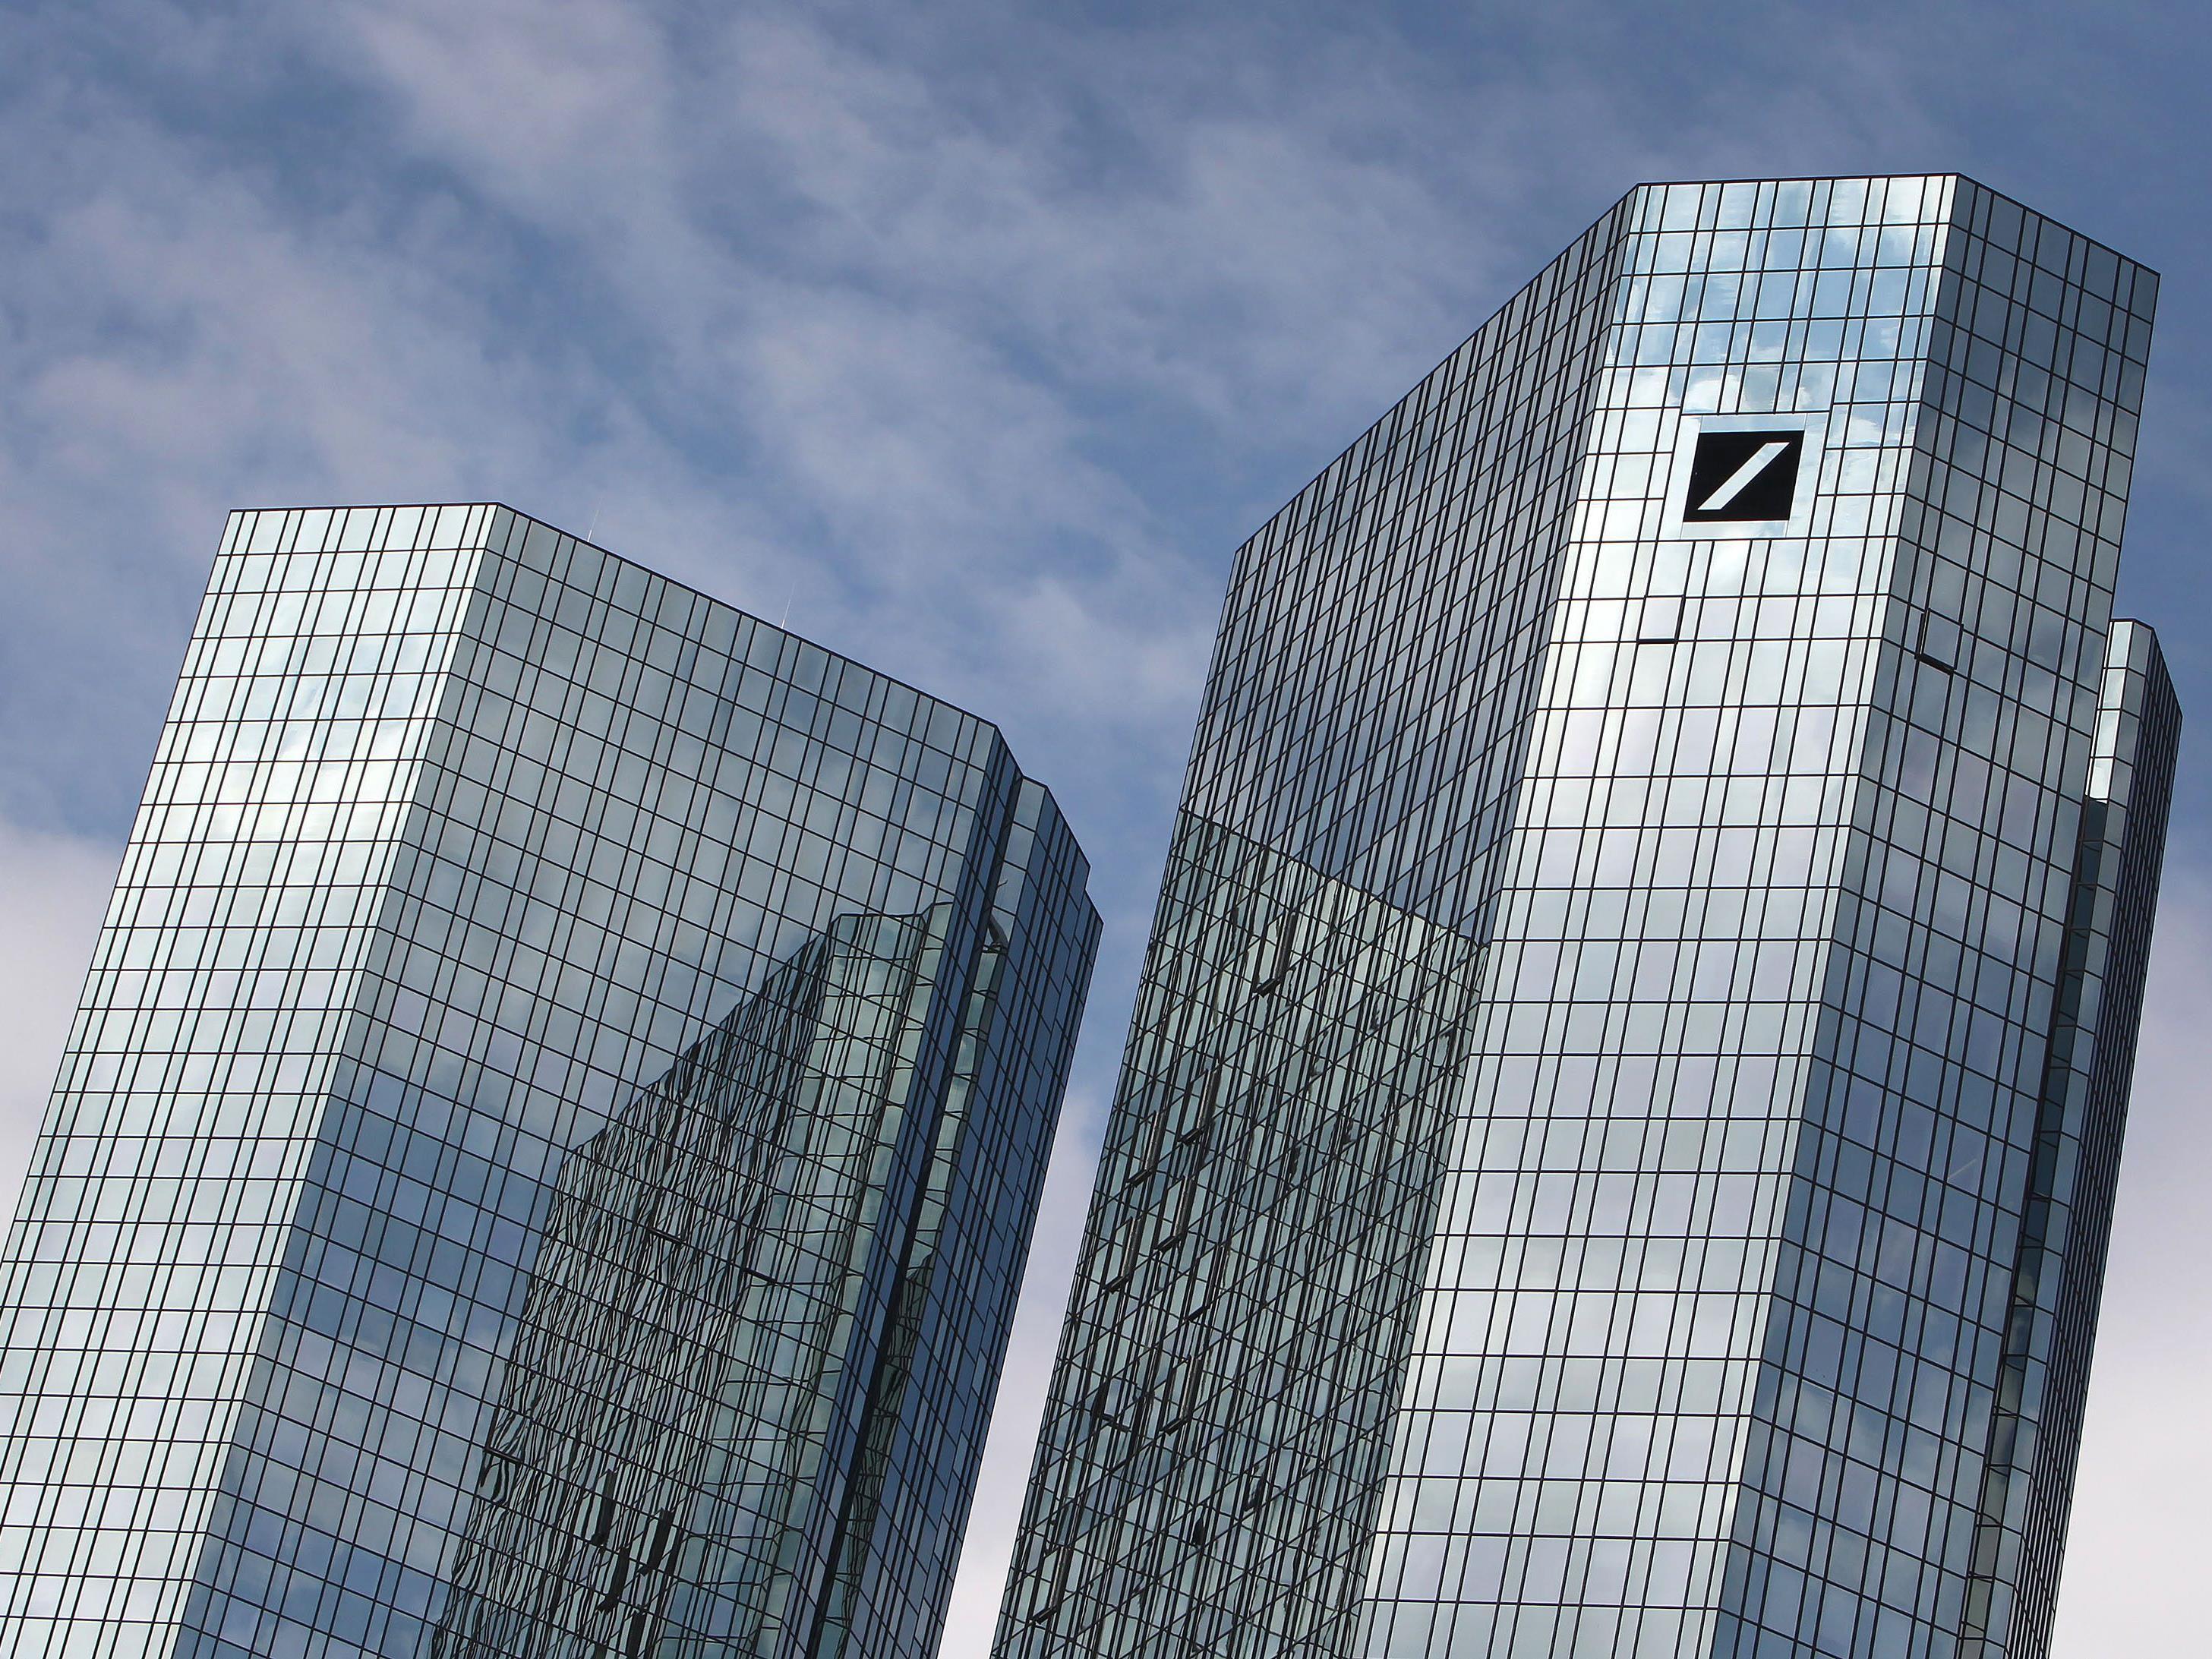 Die Deutsche Bank streicht 15.000 Stellen.